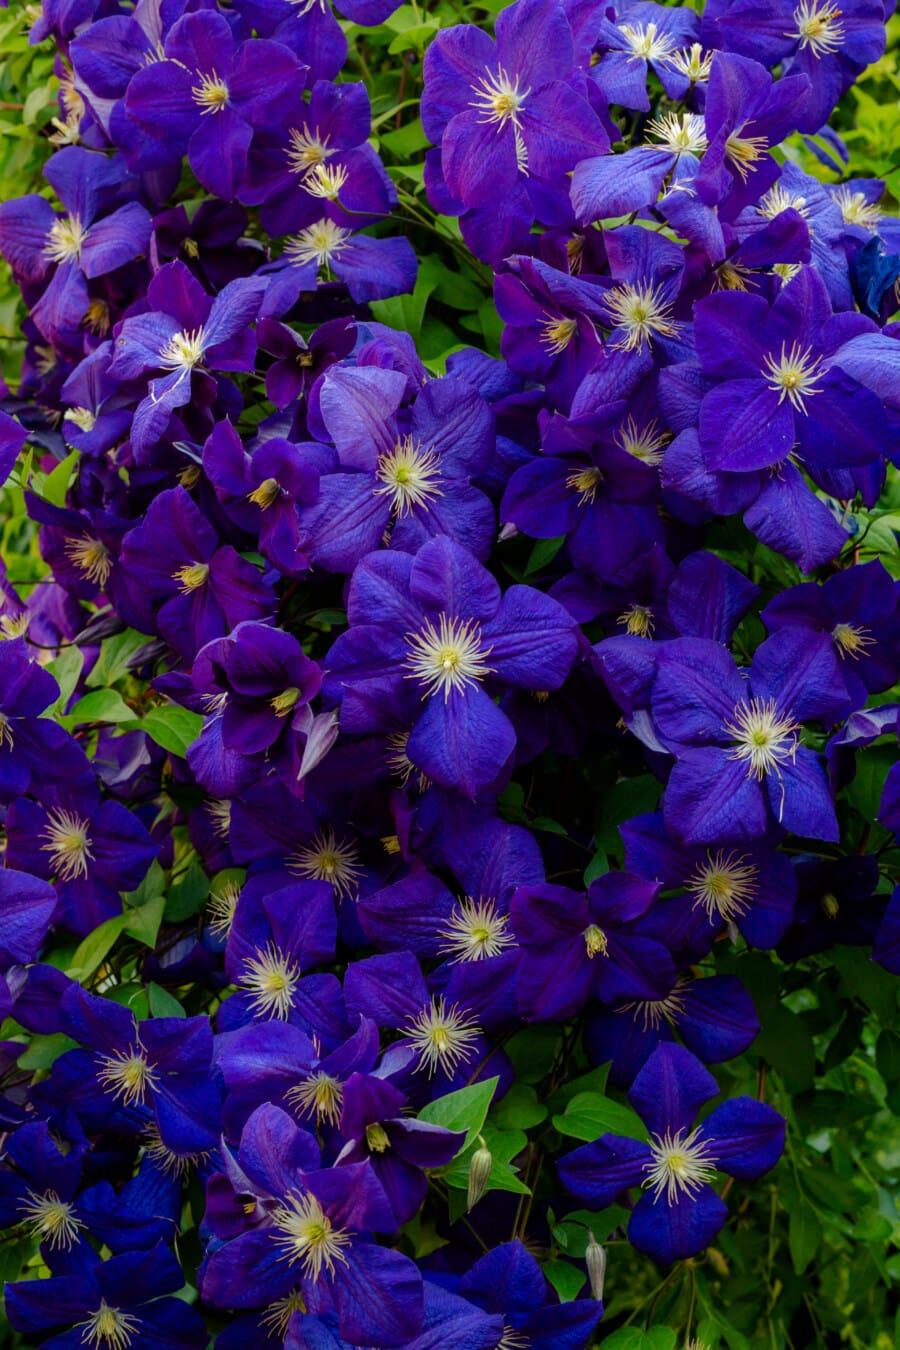 Clematis, lila, Blumengarten, Blumen, Flora, Natur, Viola, Kraut, Blatt, Anlage